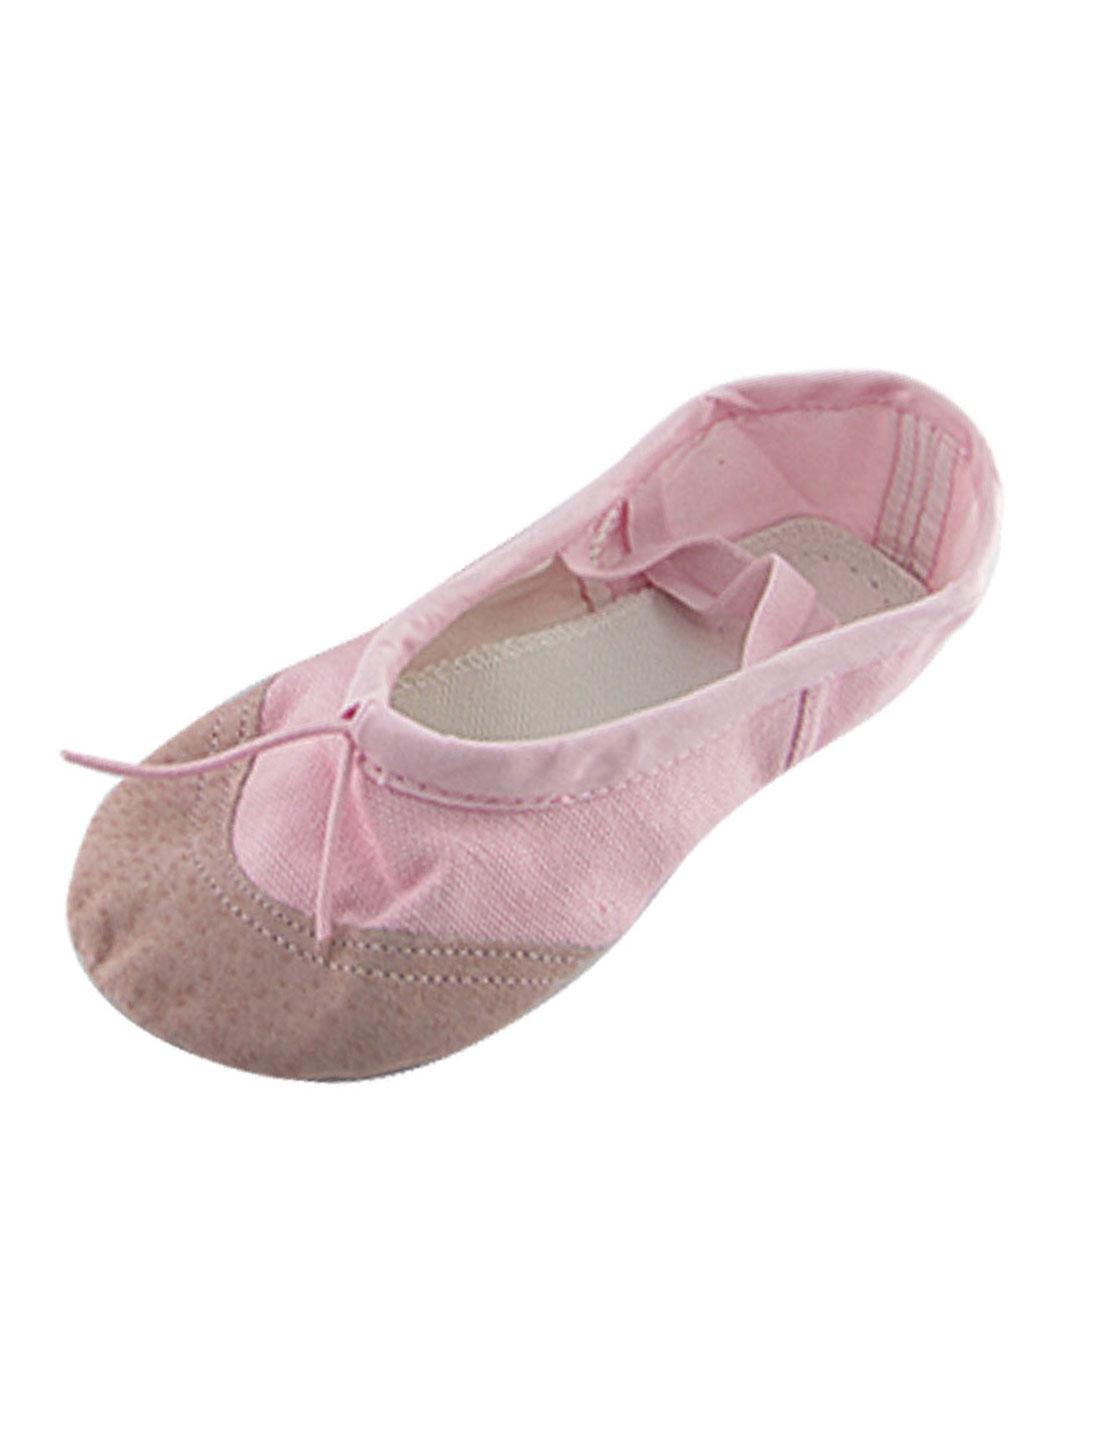 US-Sz-13-5-Elastic-Band-Dancig-Ballet-Girls-Flat-Shoes-Gqirv